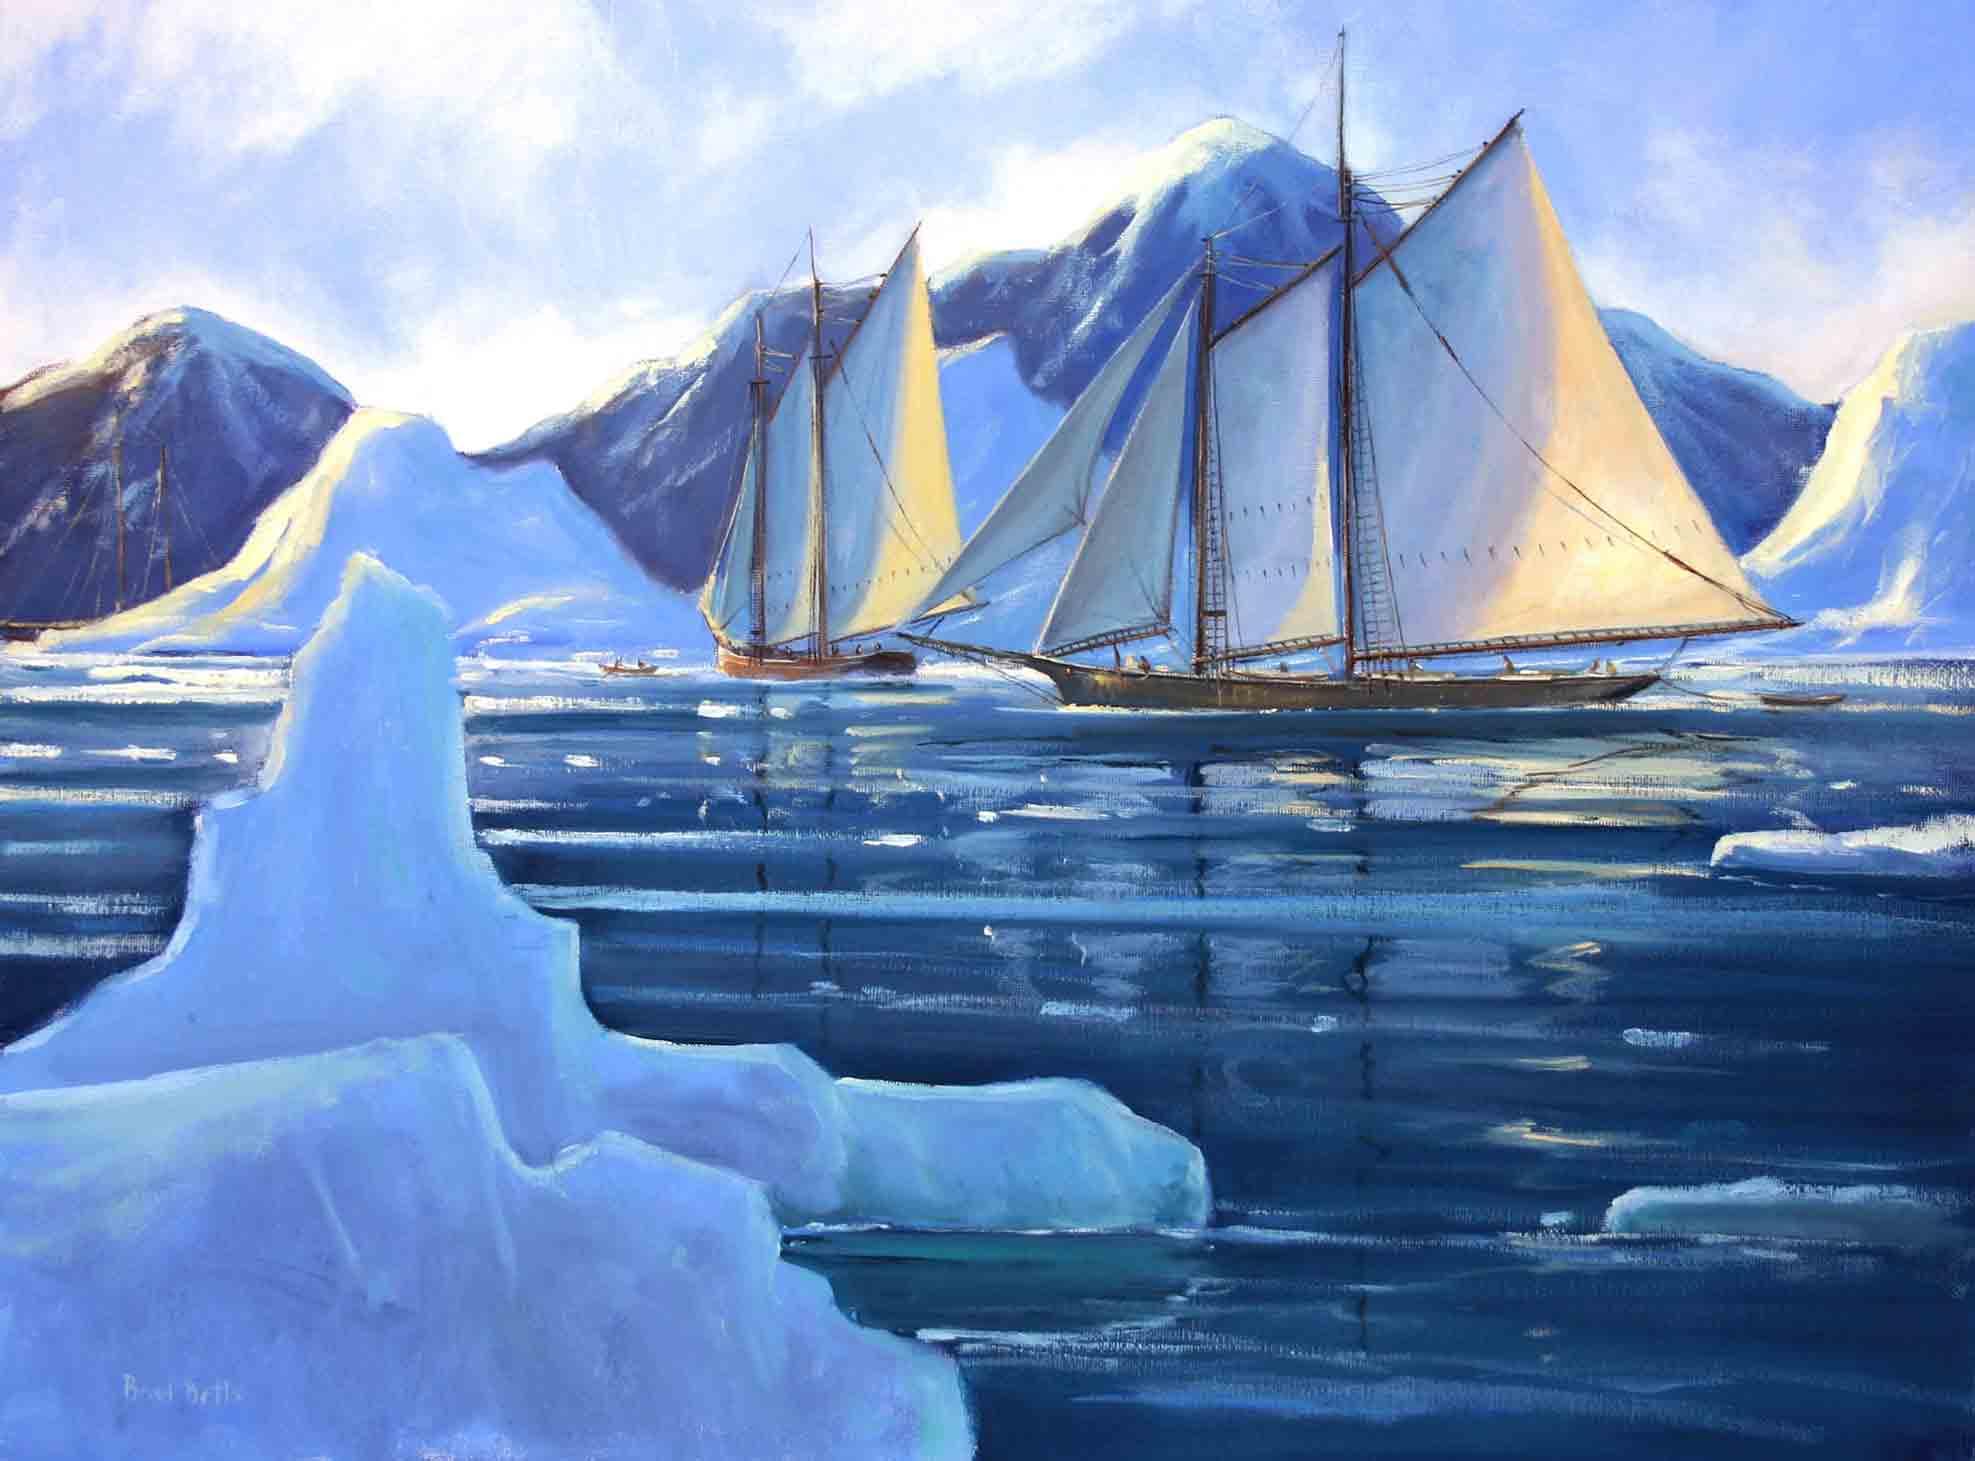 Fishing-in-the-Ice-18x24_web.jpg